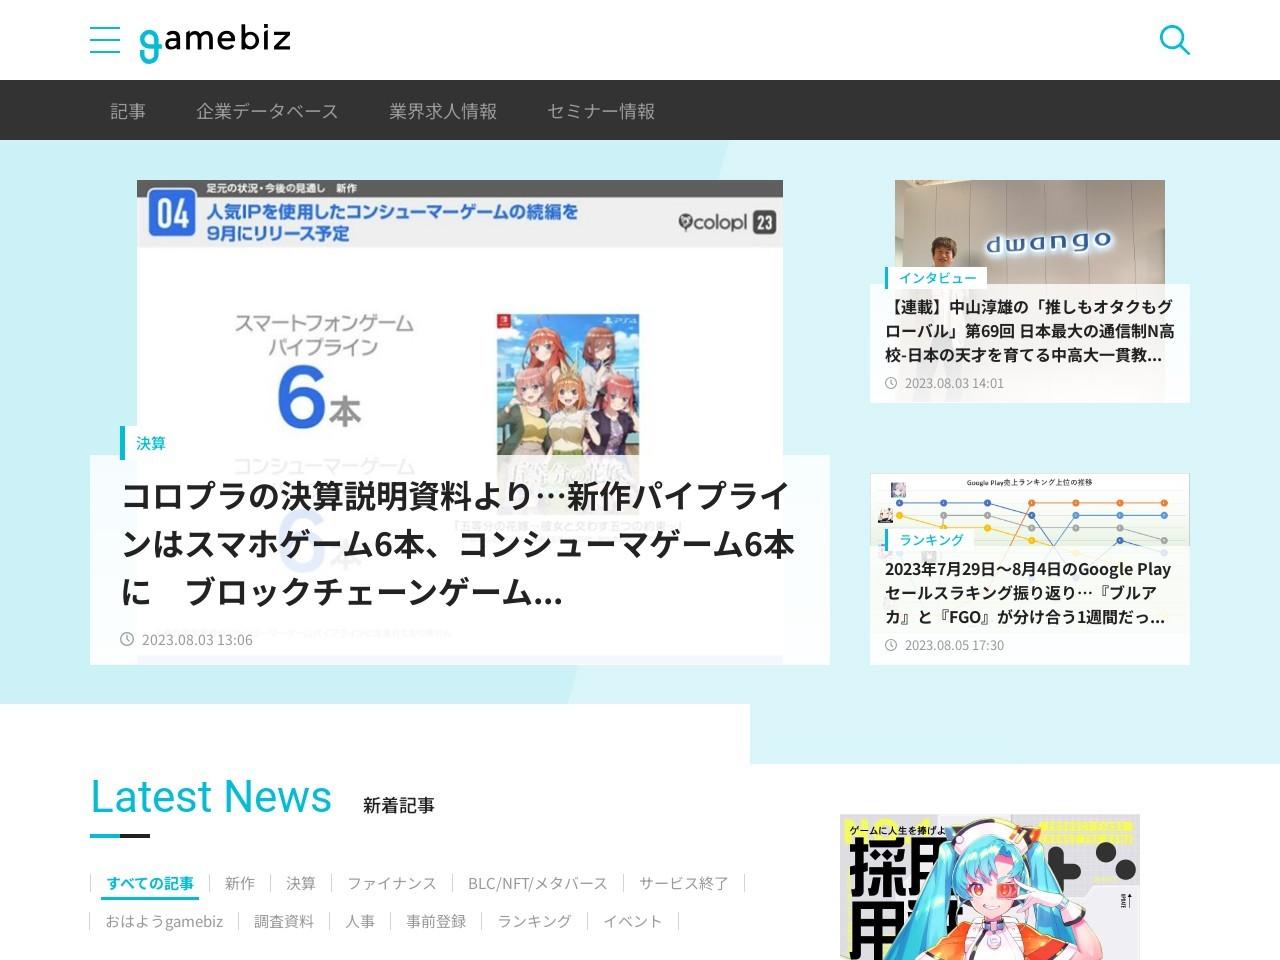 カヤック、『ぼくらの甲子園!ポケット』で新イベント「女の子だらけのひな祭りオールスター合宿!」を開催 …